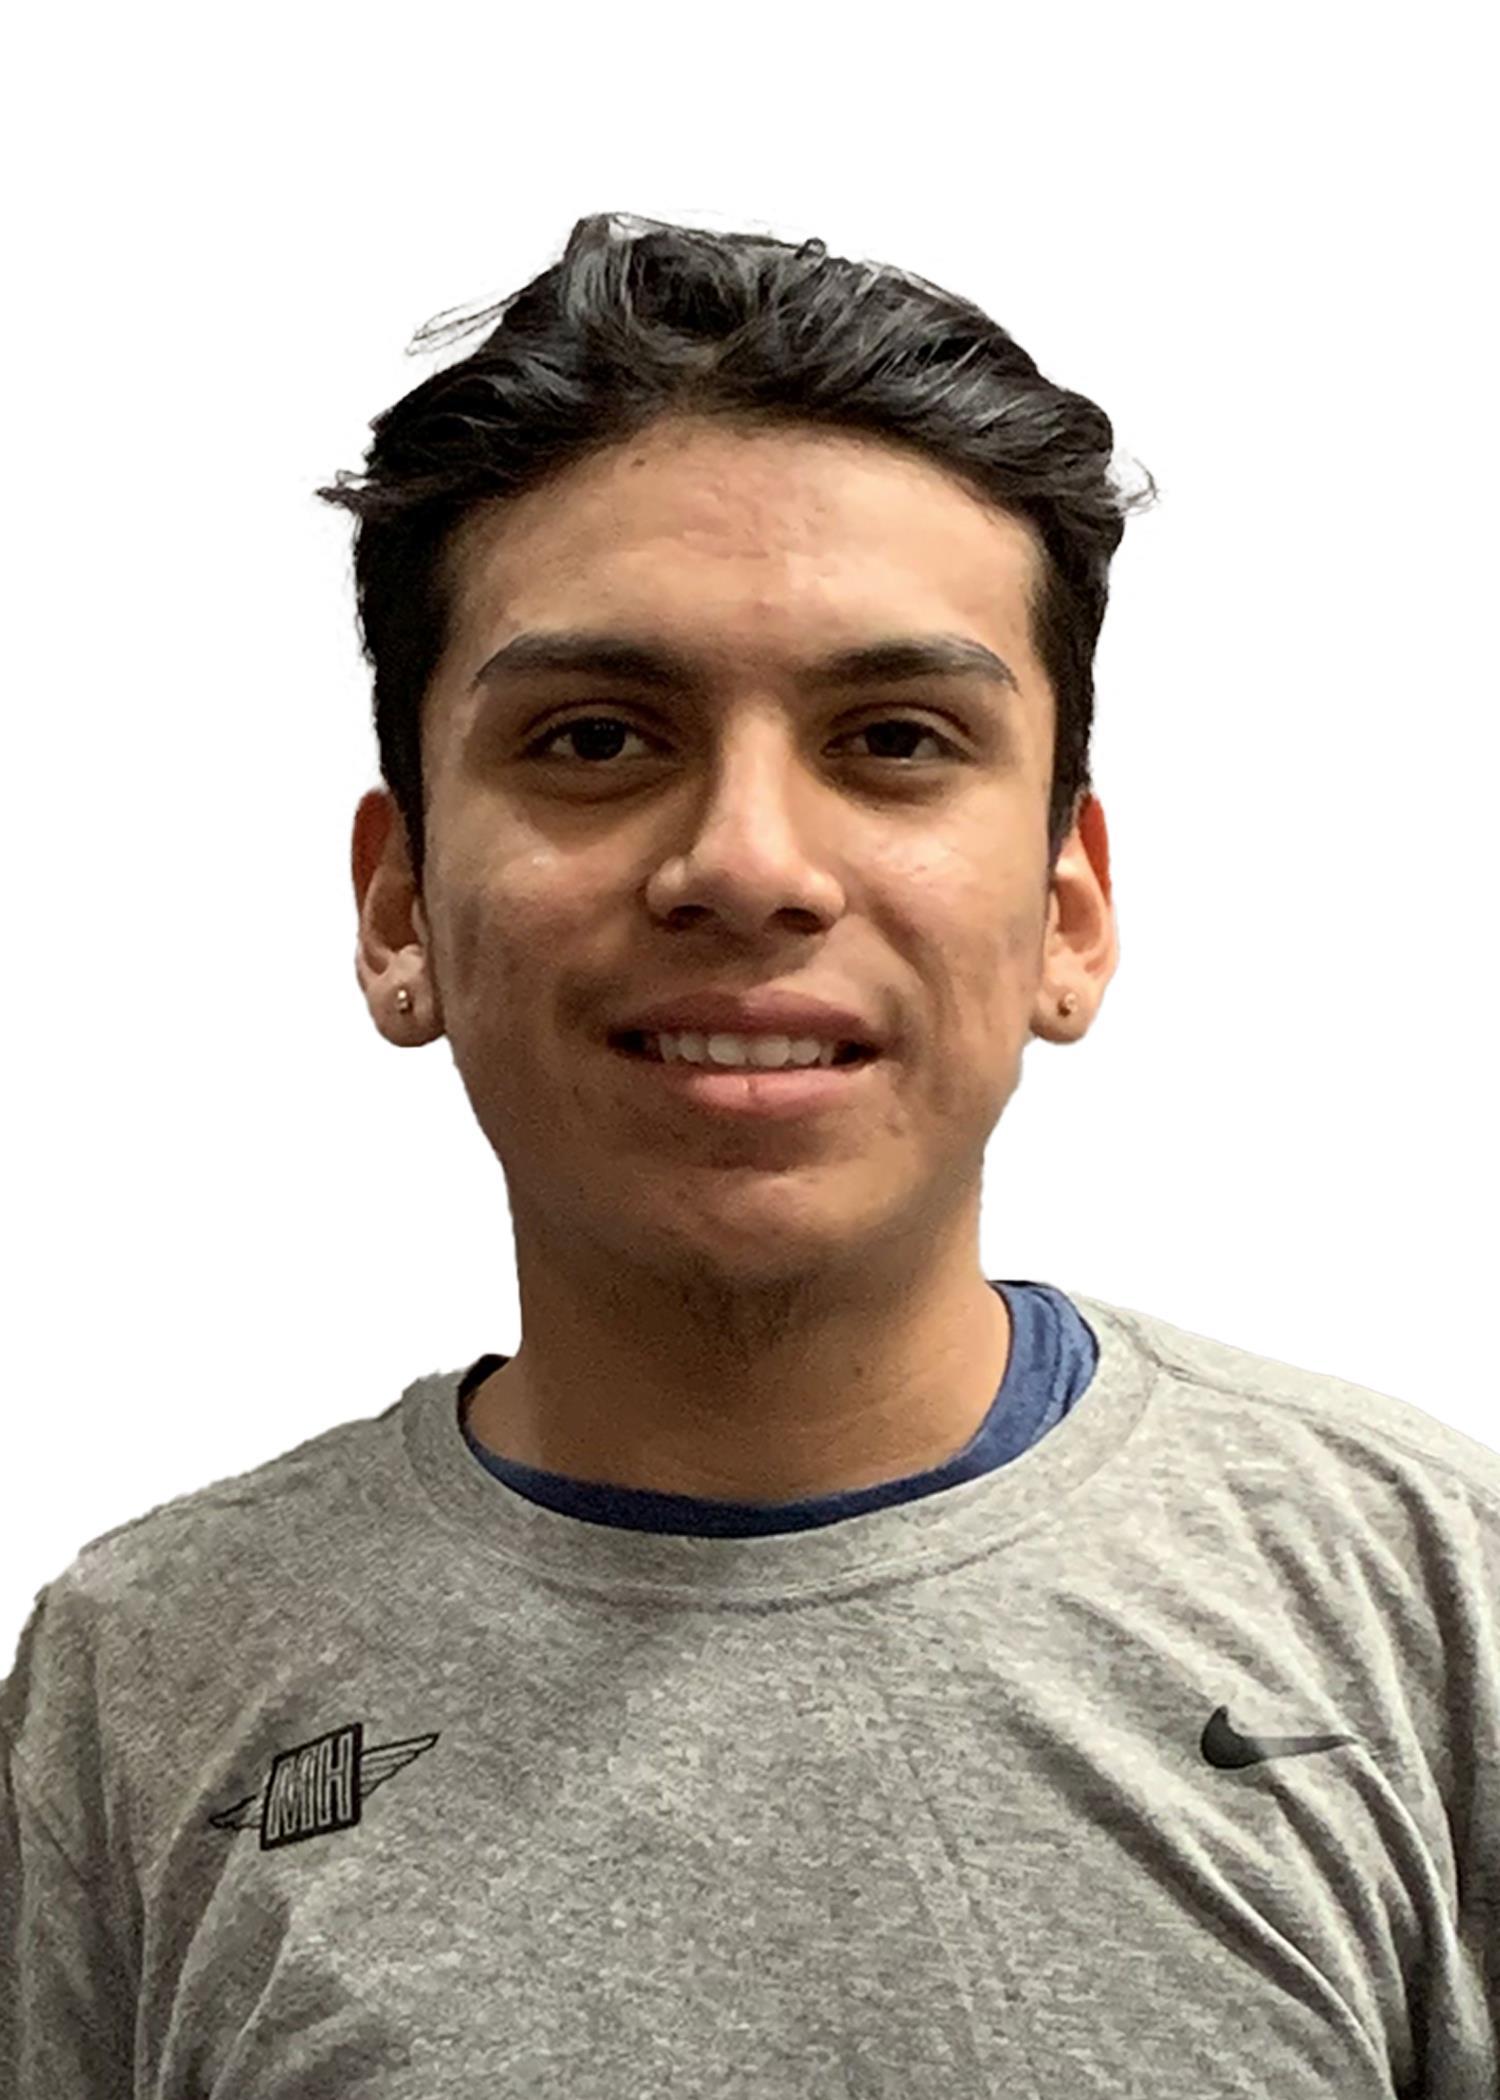 Adrian Enriquez